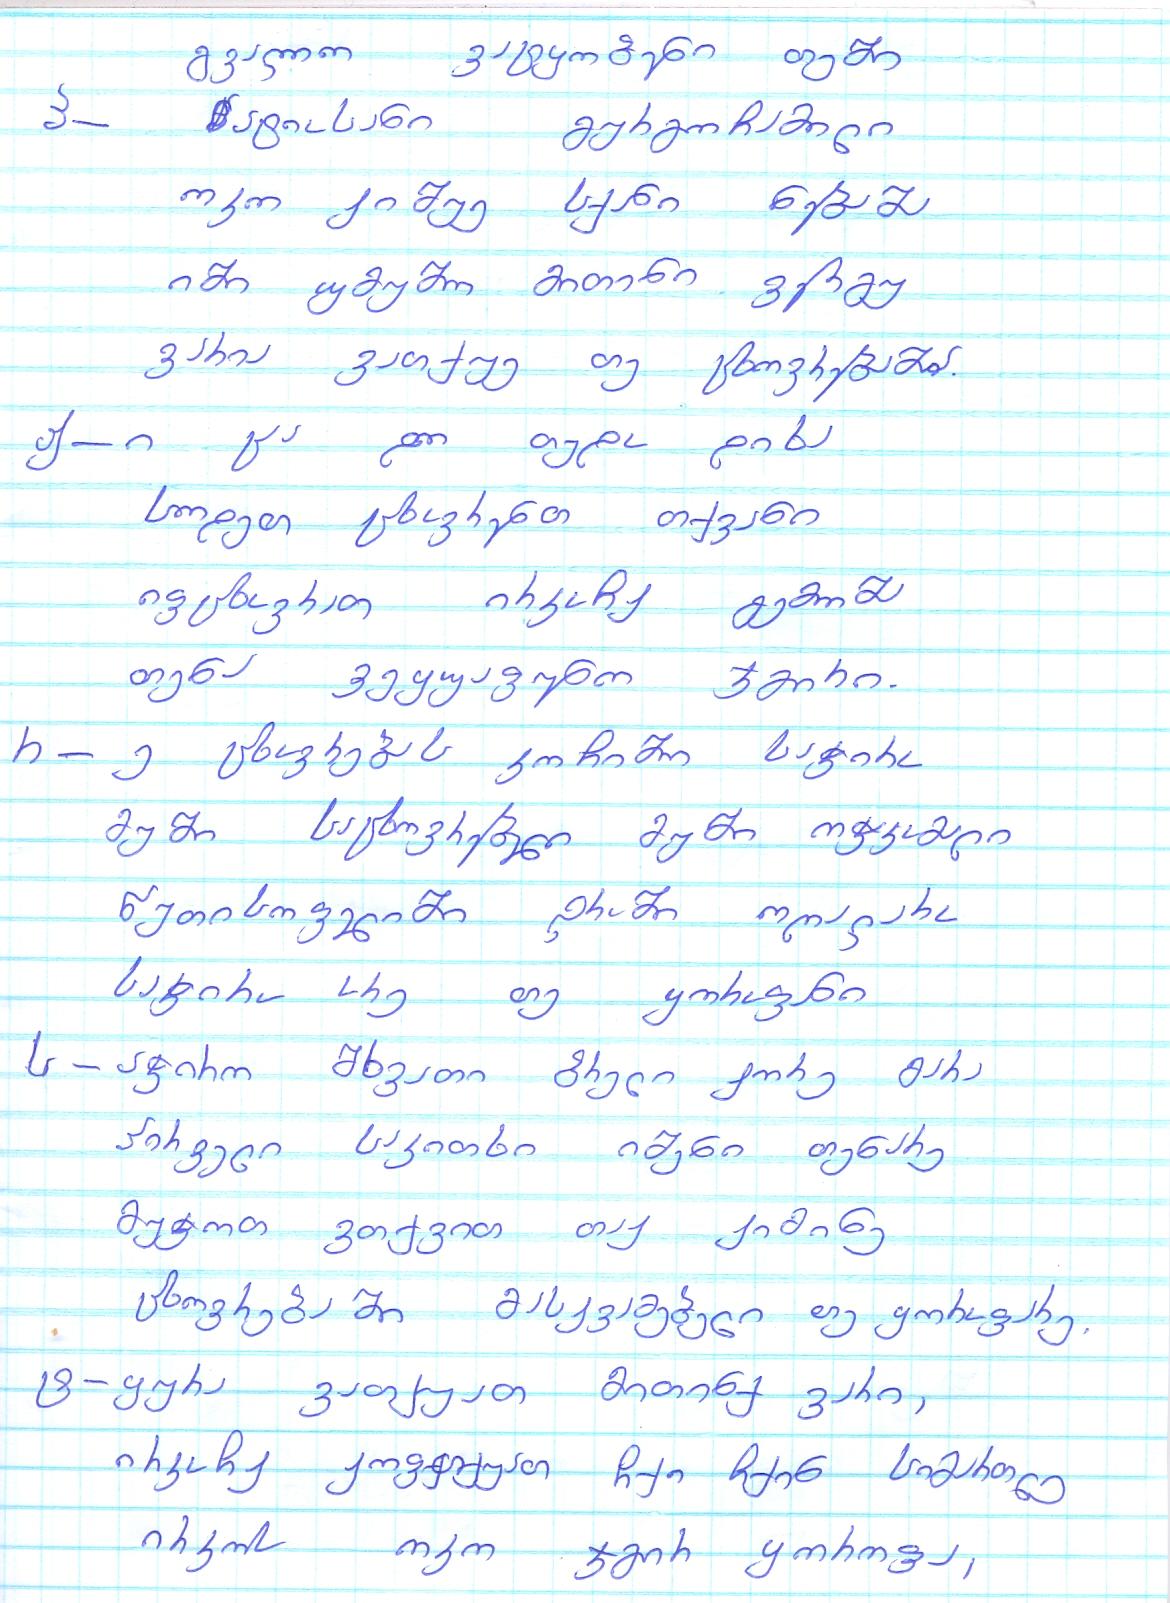 isidore0006 — Chkhorotsku,Ge